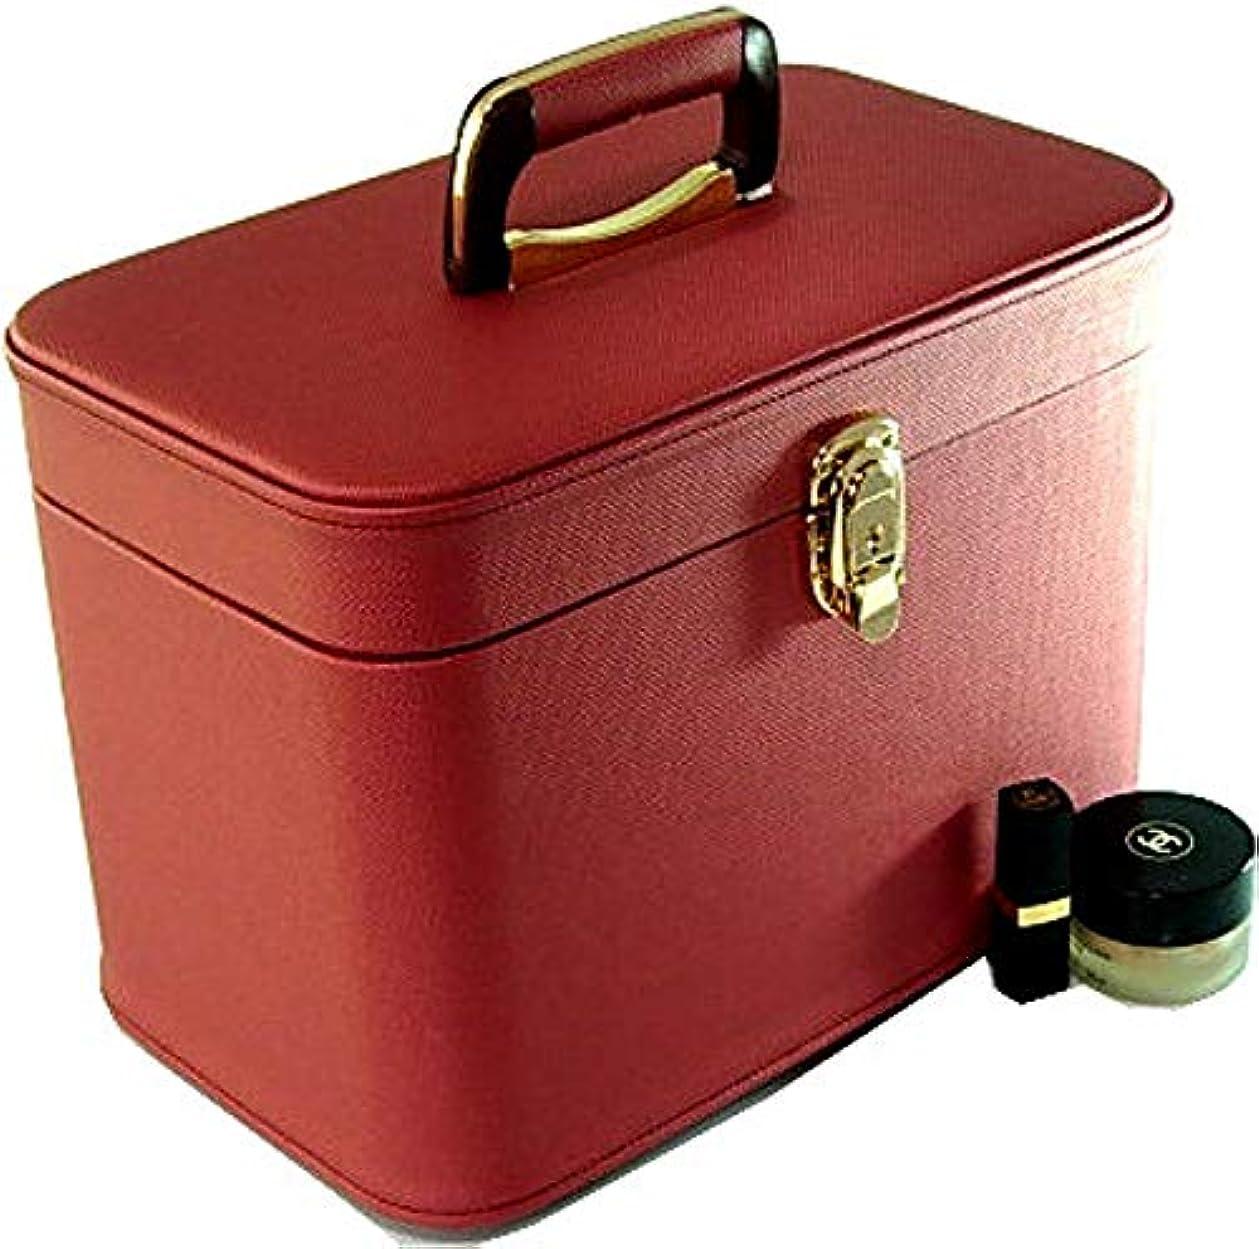 引き受ける飛躍隠すメイクボックス コスメボックス トリプルG2 33cm ヨコパールワイン 日本製,メイクアップボックス,トレンチケース,お化粧入れ,化粧雑貨,メーキャップボックス,化粧箱,かわいい,メイク道具箱,メイク雑貨,化粧ボックス